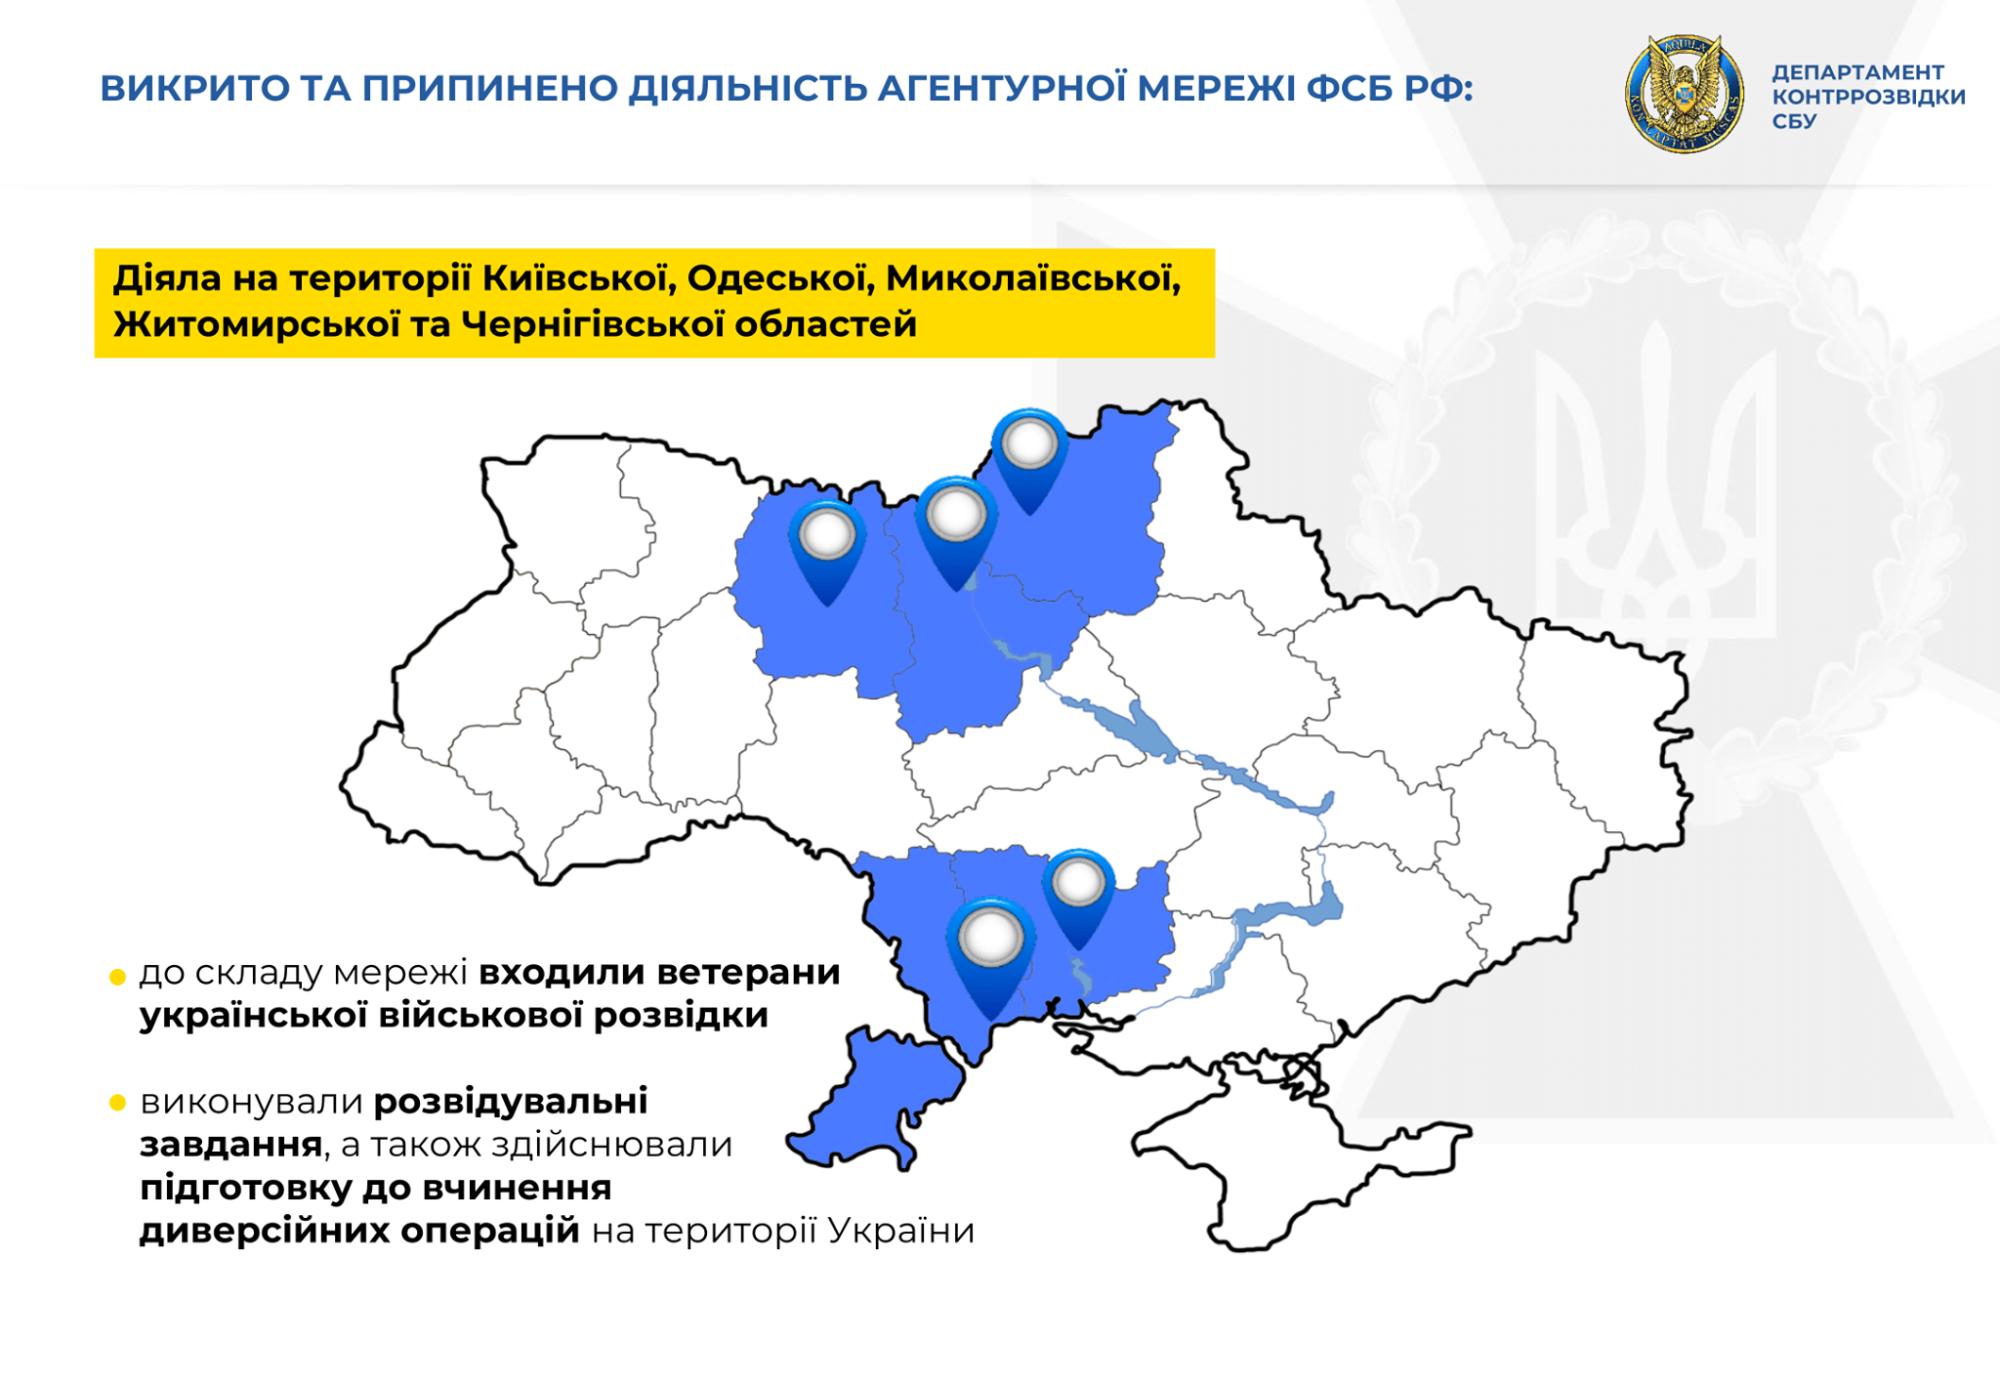 До агентурної мережі ФСБ входили  колишні українські військові: викриття СБУ - СБУ, Росія, Розслідування - 147173966 2932300850333234 6880377195822791472 o 2000x1384